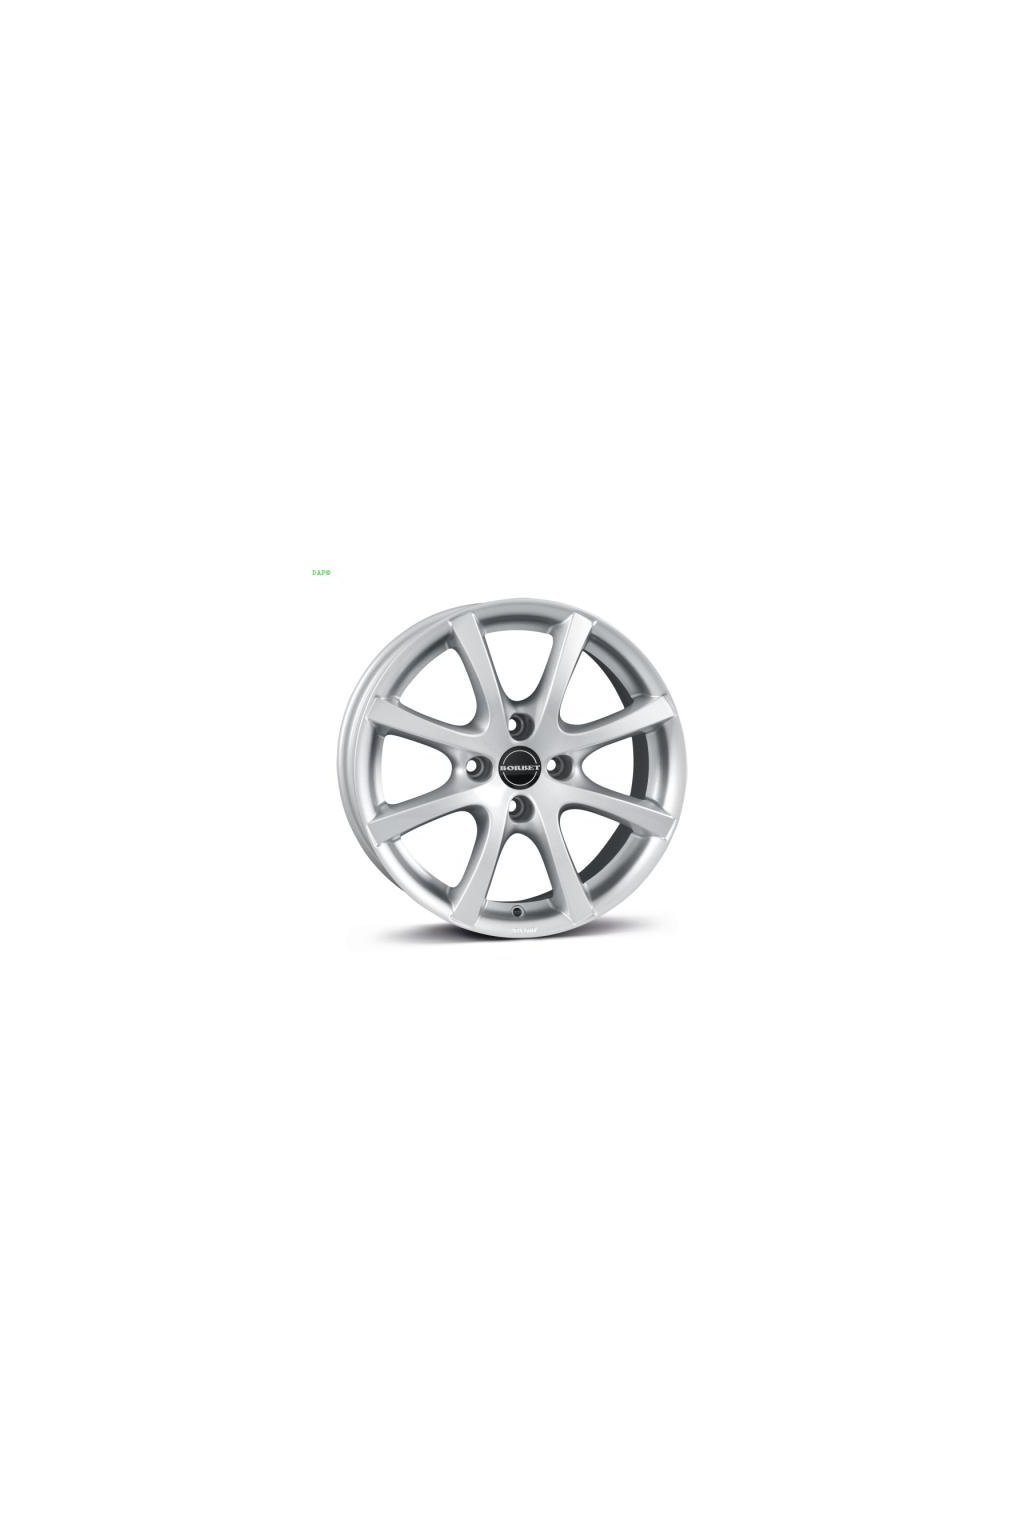 Disk Borbet LV4 5.5x15 ET40 4x100 kristalovo strieborny